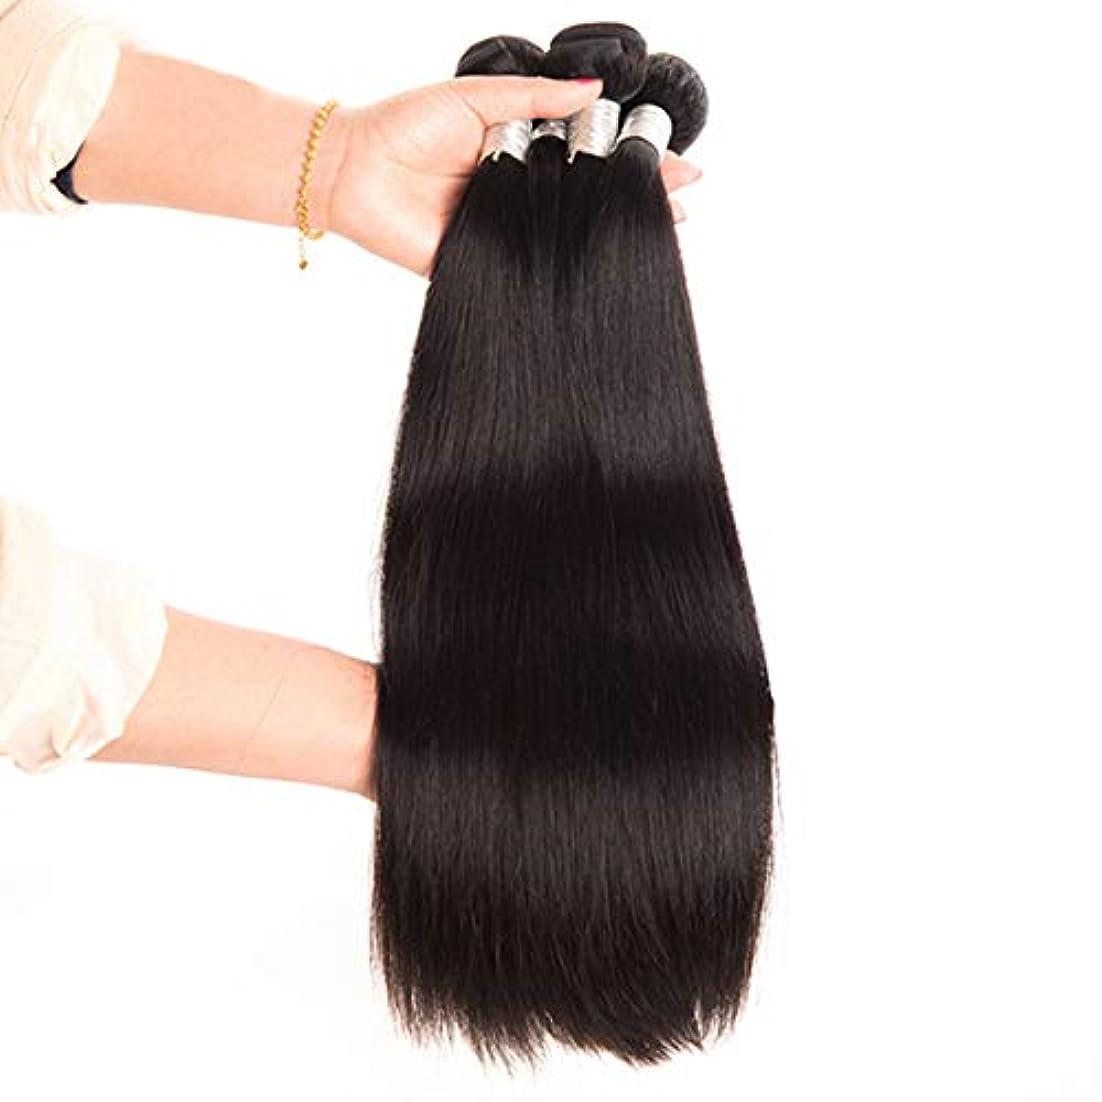 精査についてより良い100%のremyブラジルの人間の毛髪未処理の自然な髪を編むことができます二重よこ糸人間の髪織りエクステンションシルキーストレートヘア